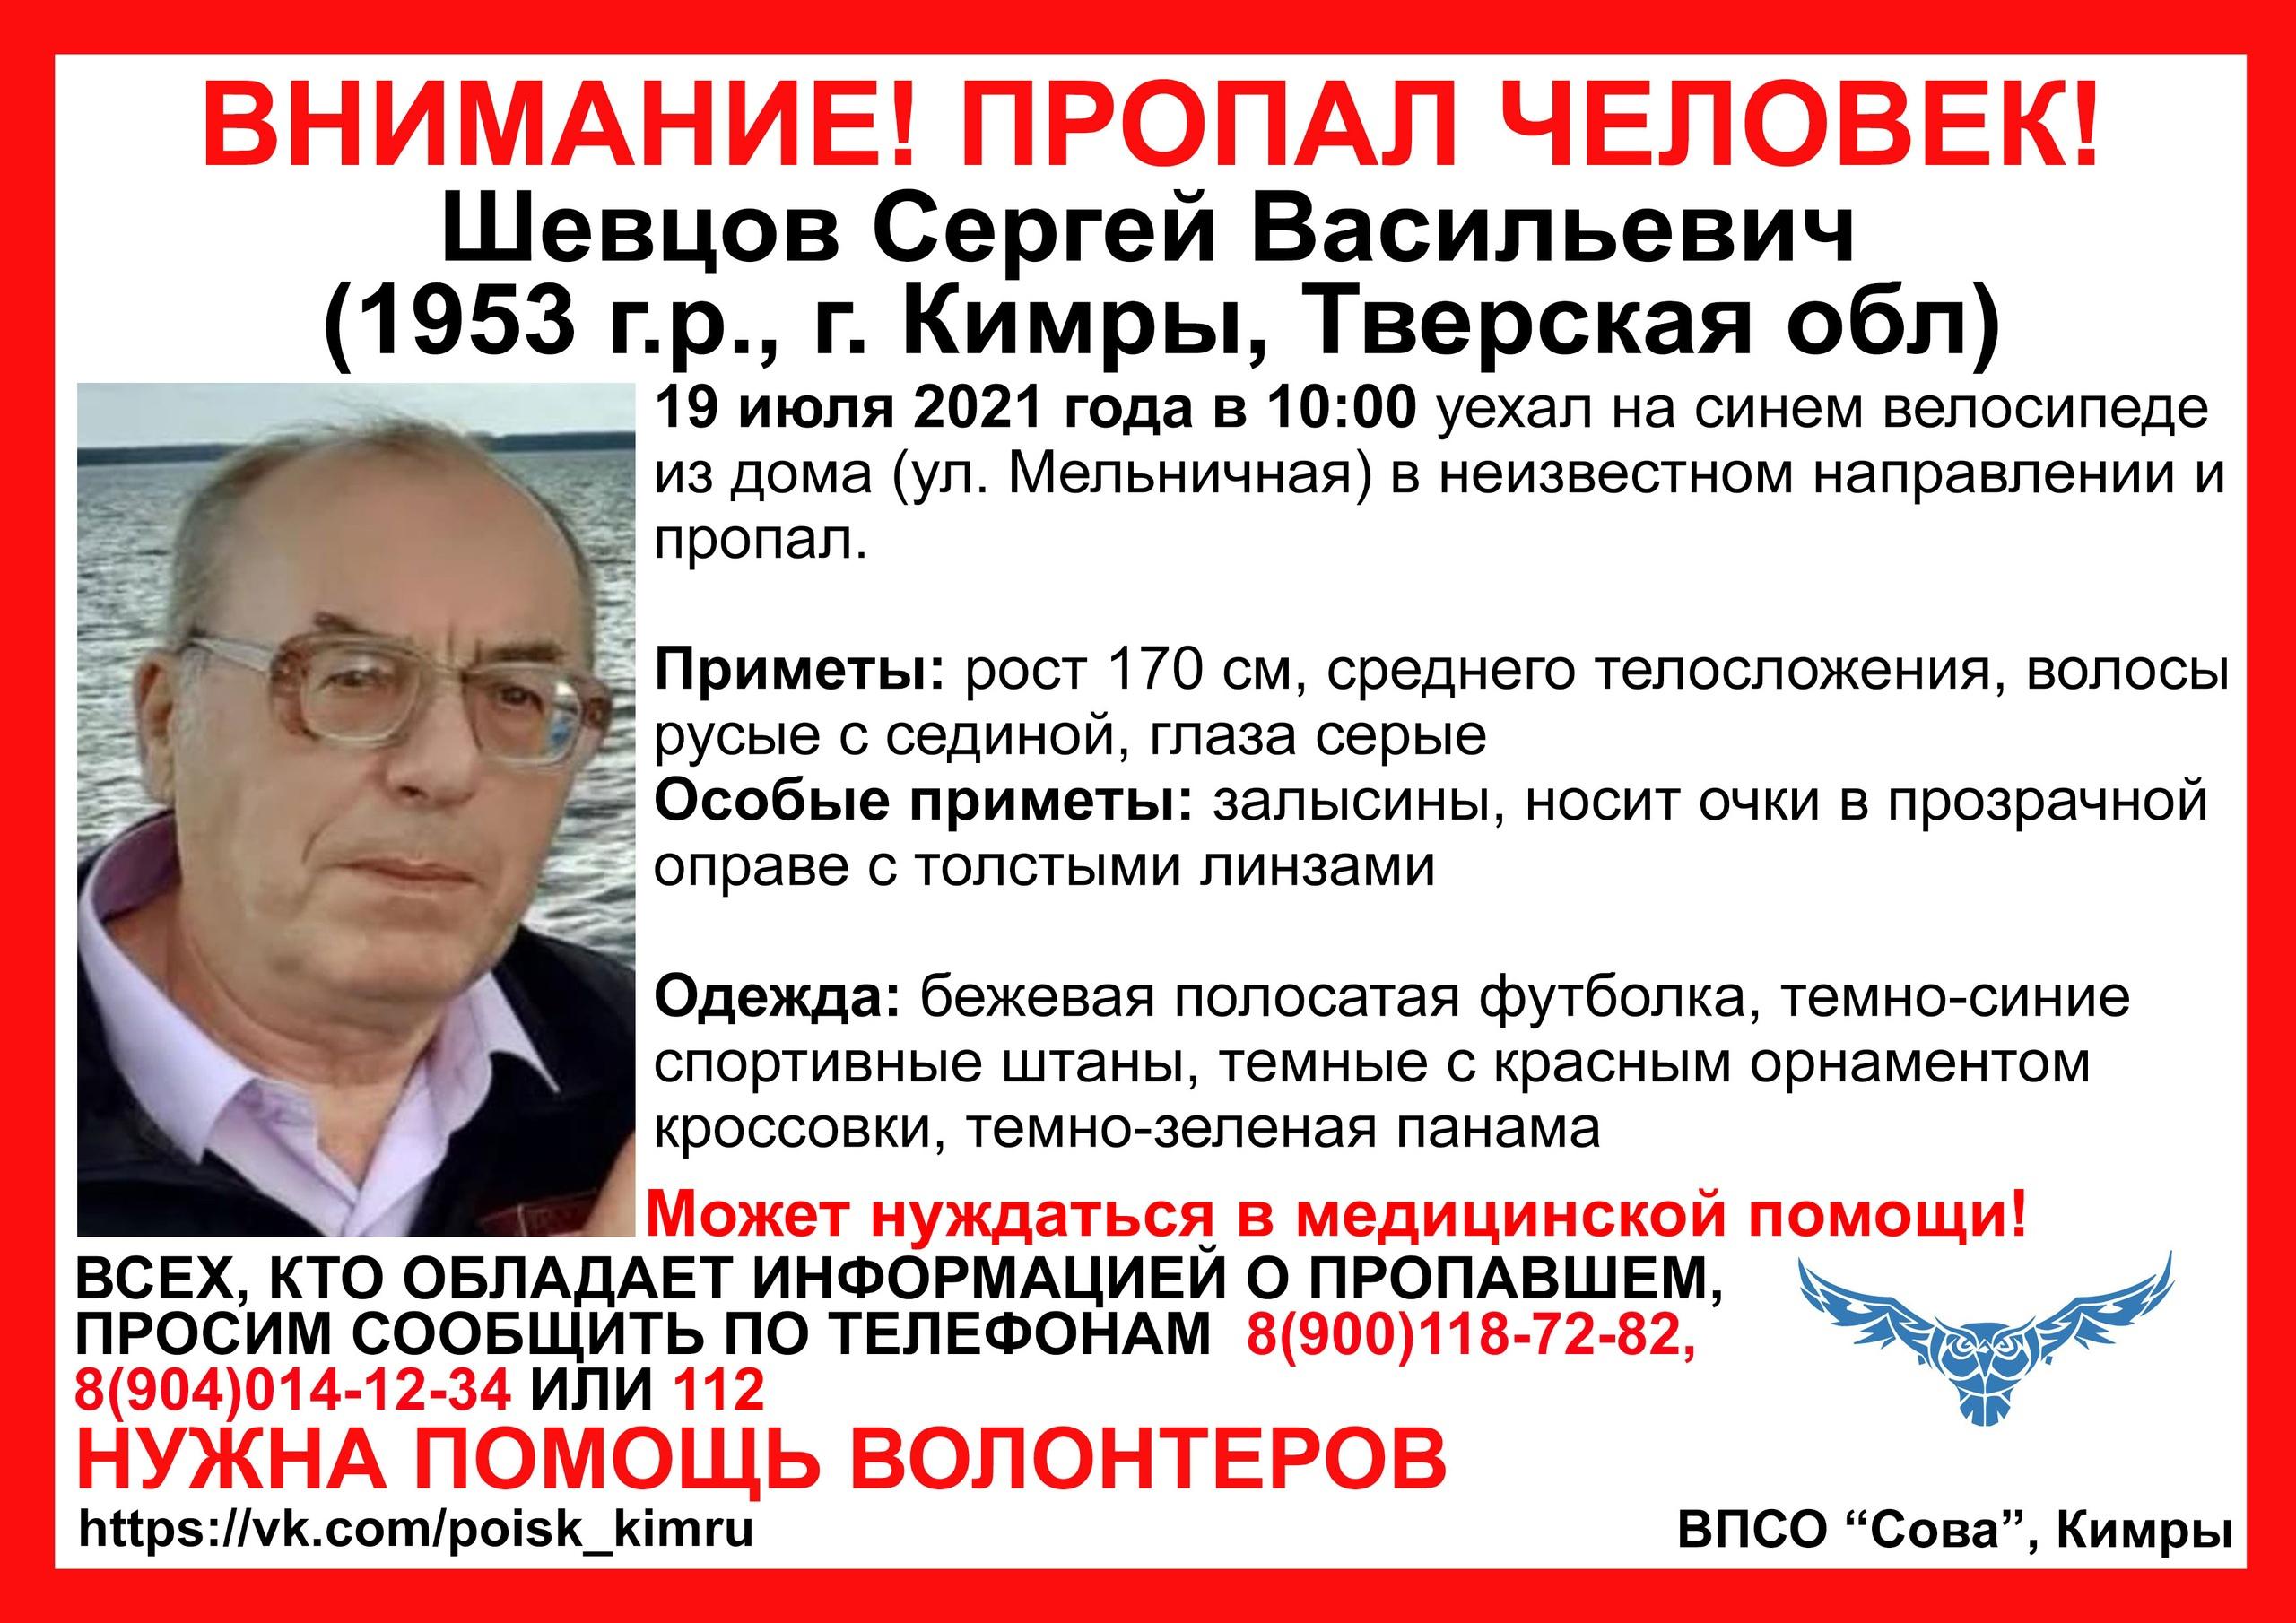 В Тверской области мужчина уехал на велосипеде из дома и пропал